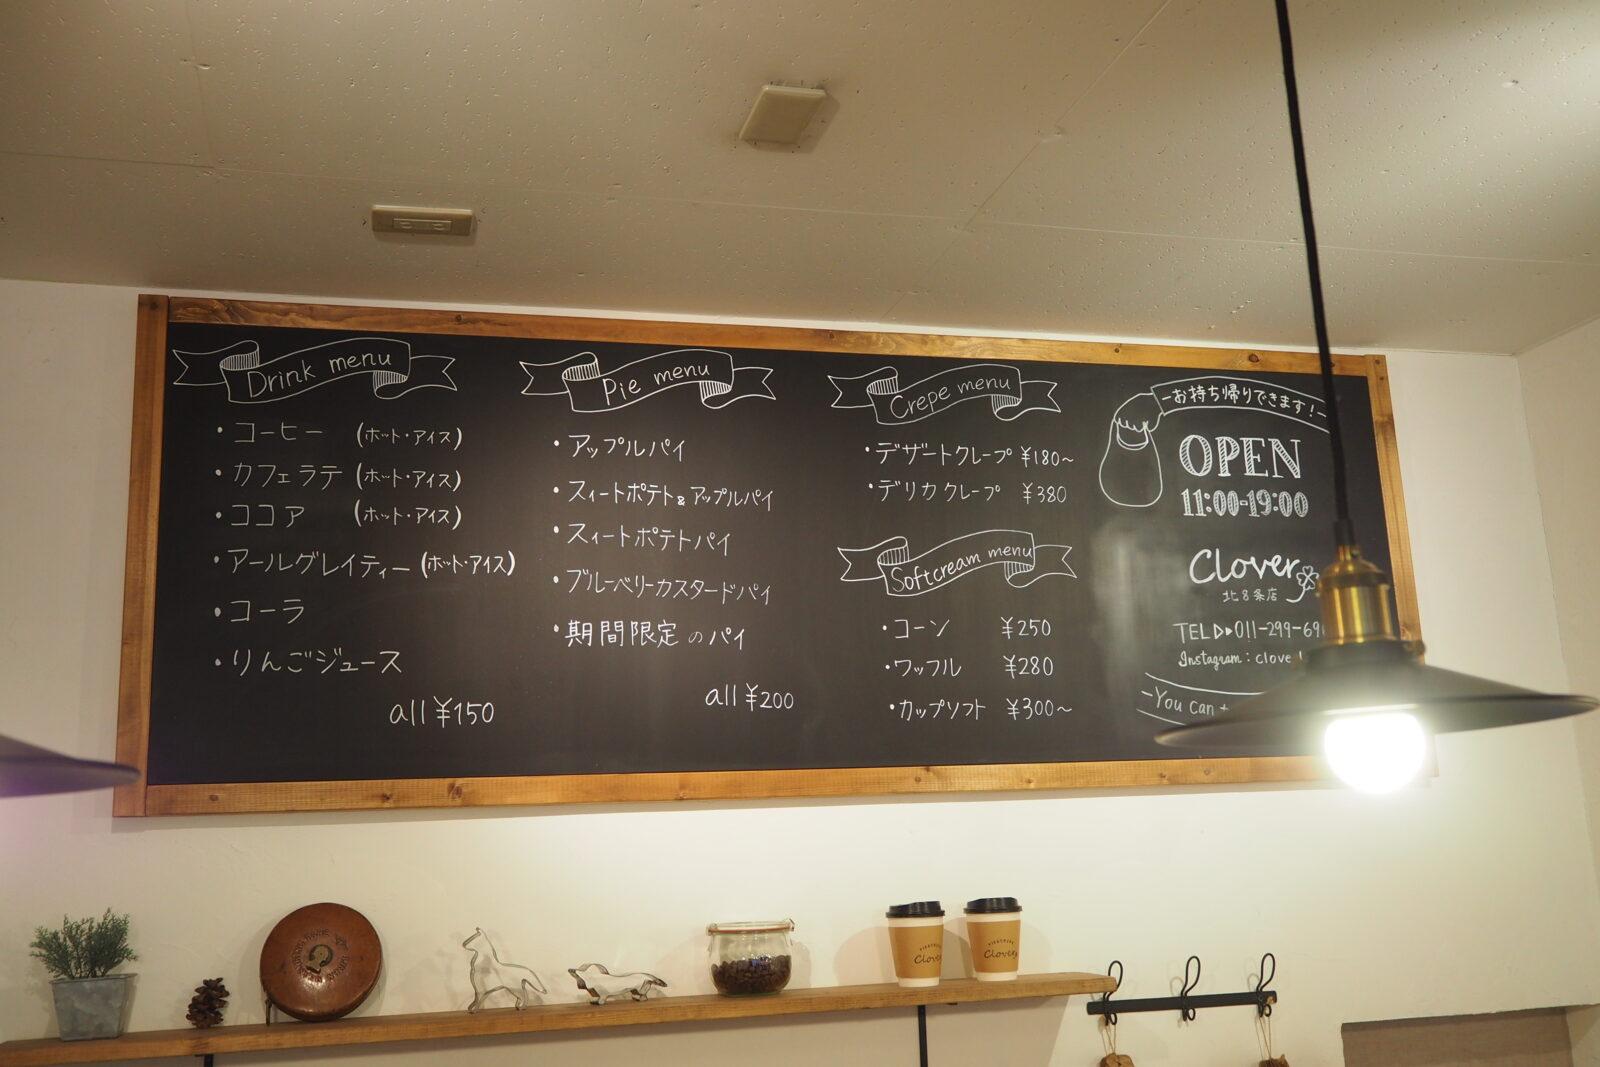 札幌カフェのドリンクメニュー